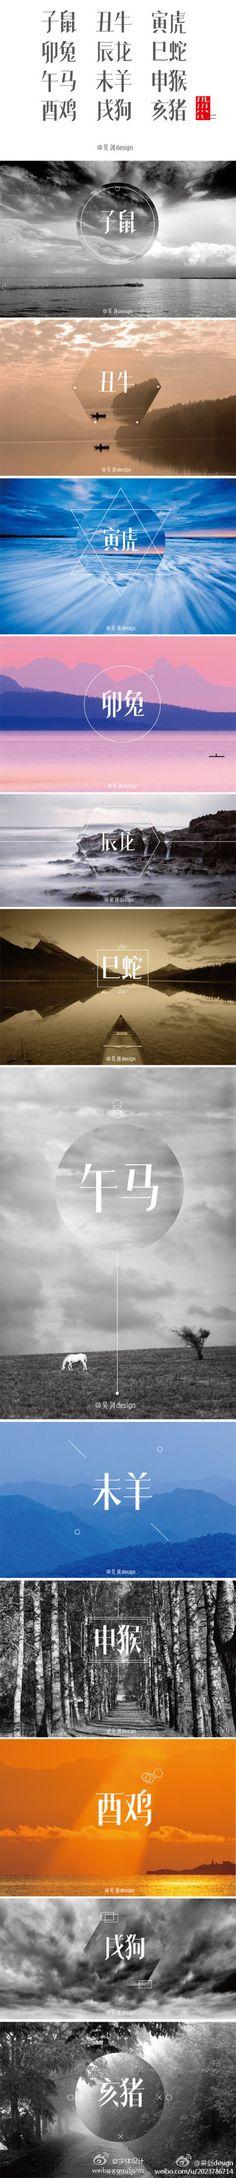 """十二生肖""""字体设计,配图与辅助图形也很赞。"""